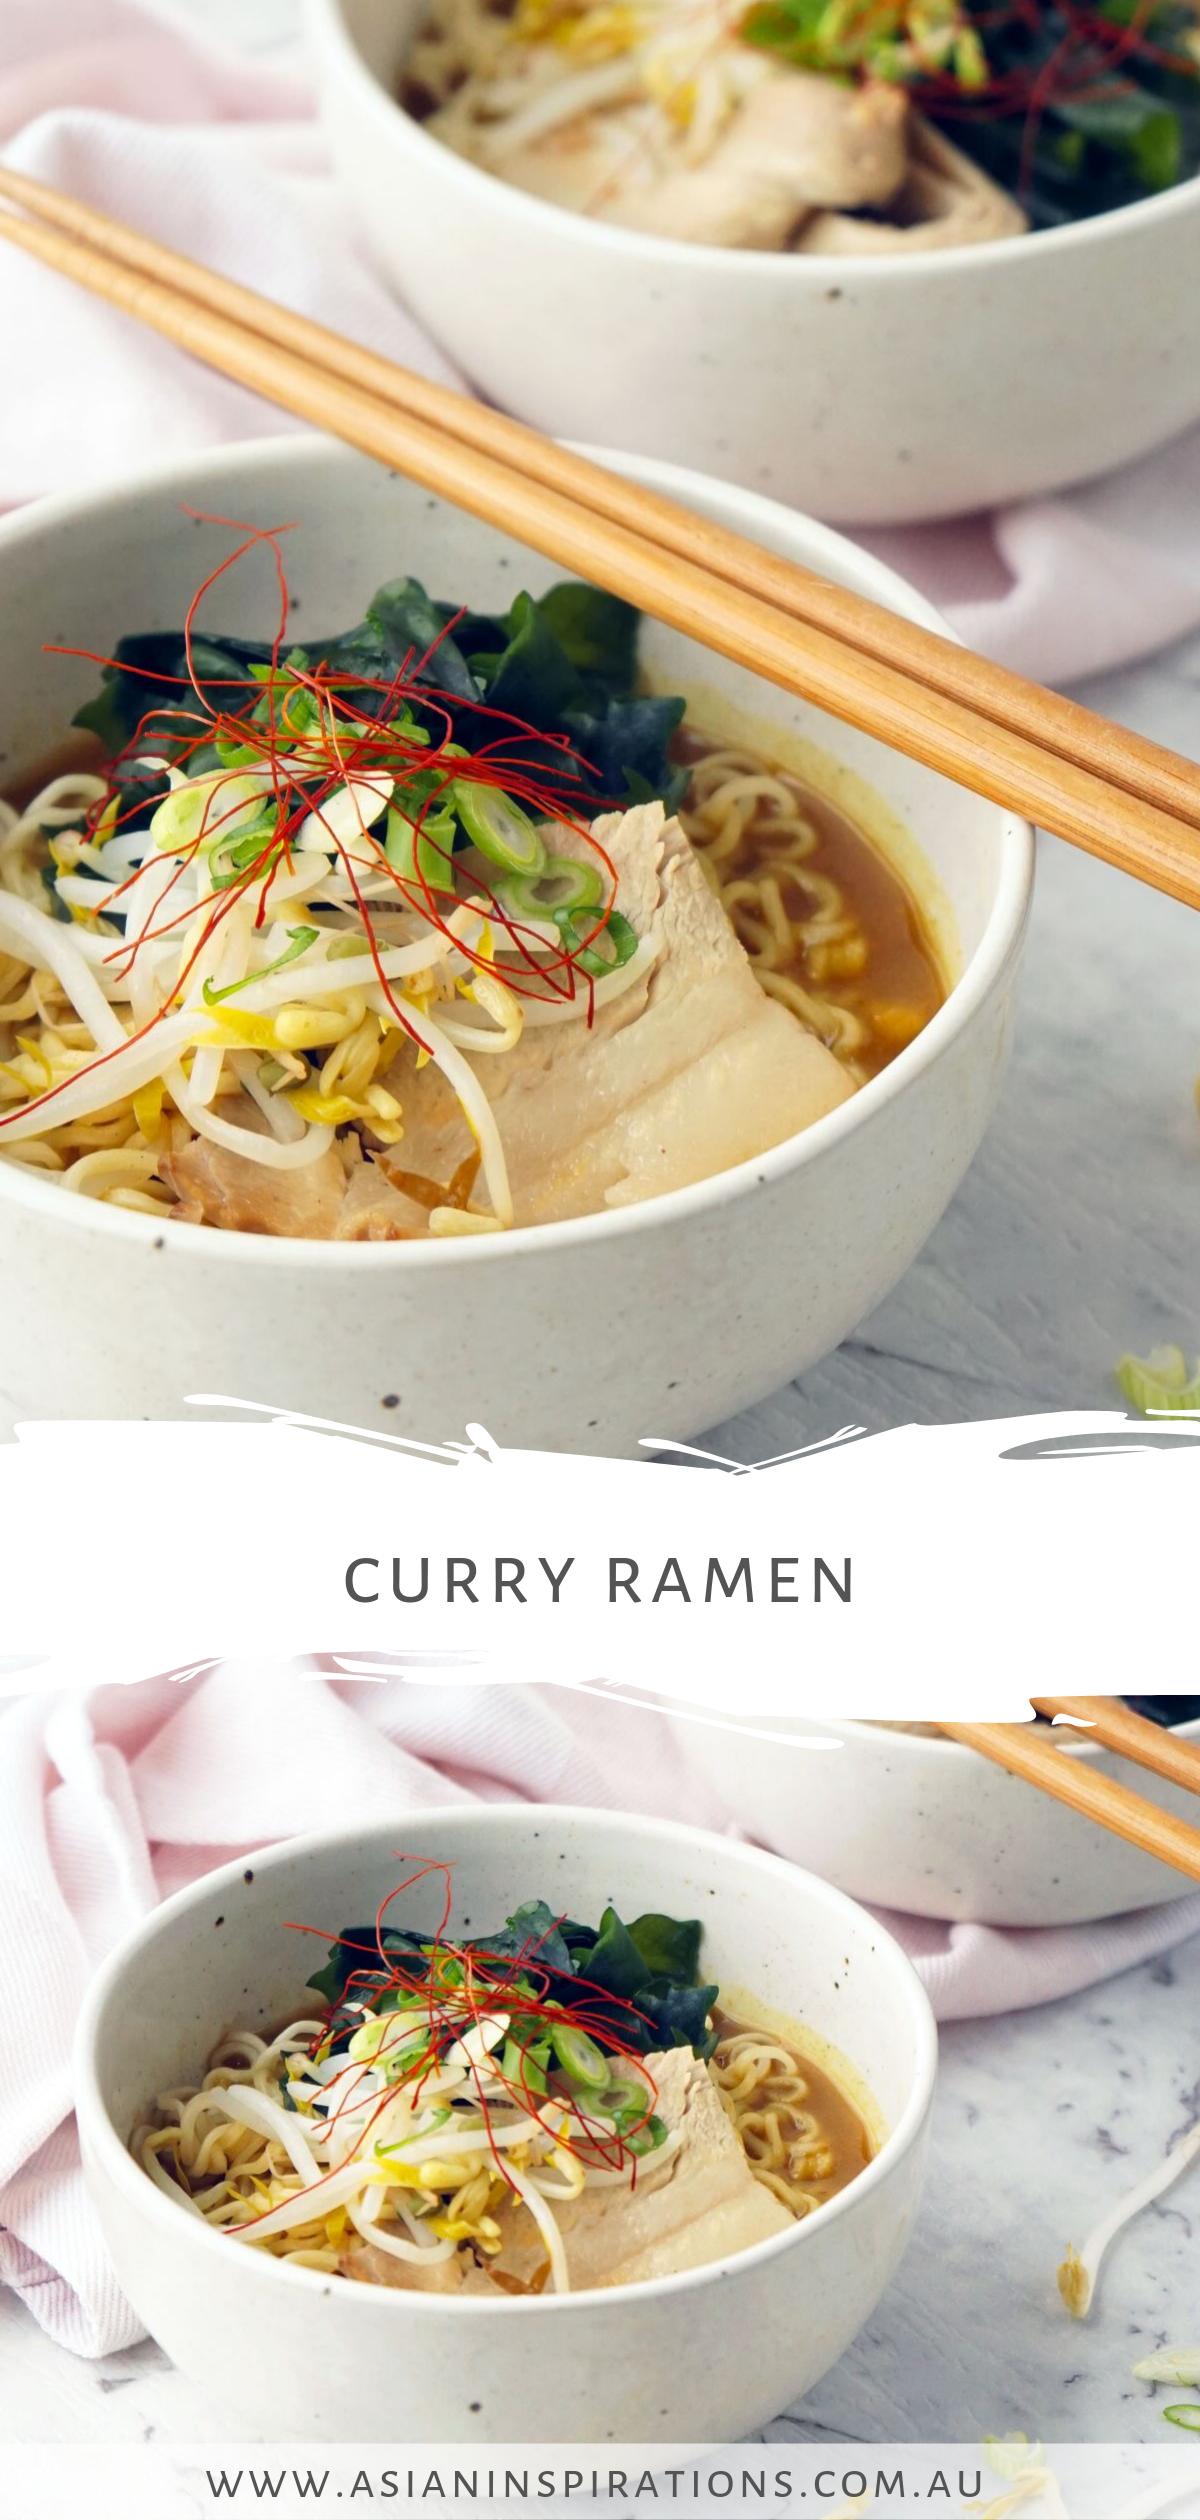 Curry Ramen Recipe Curry Ramen Curry Recipes Food Recipes